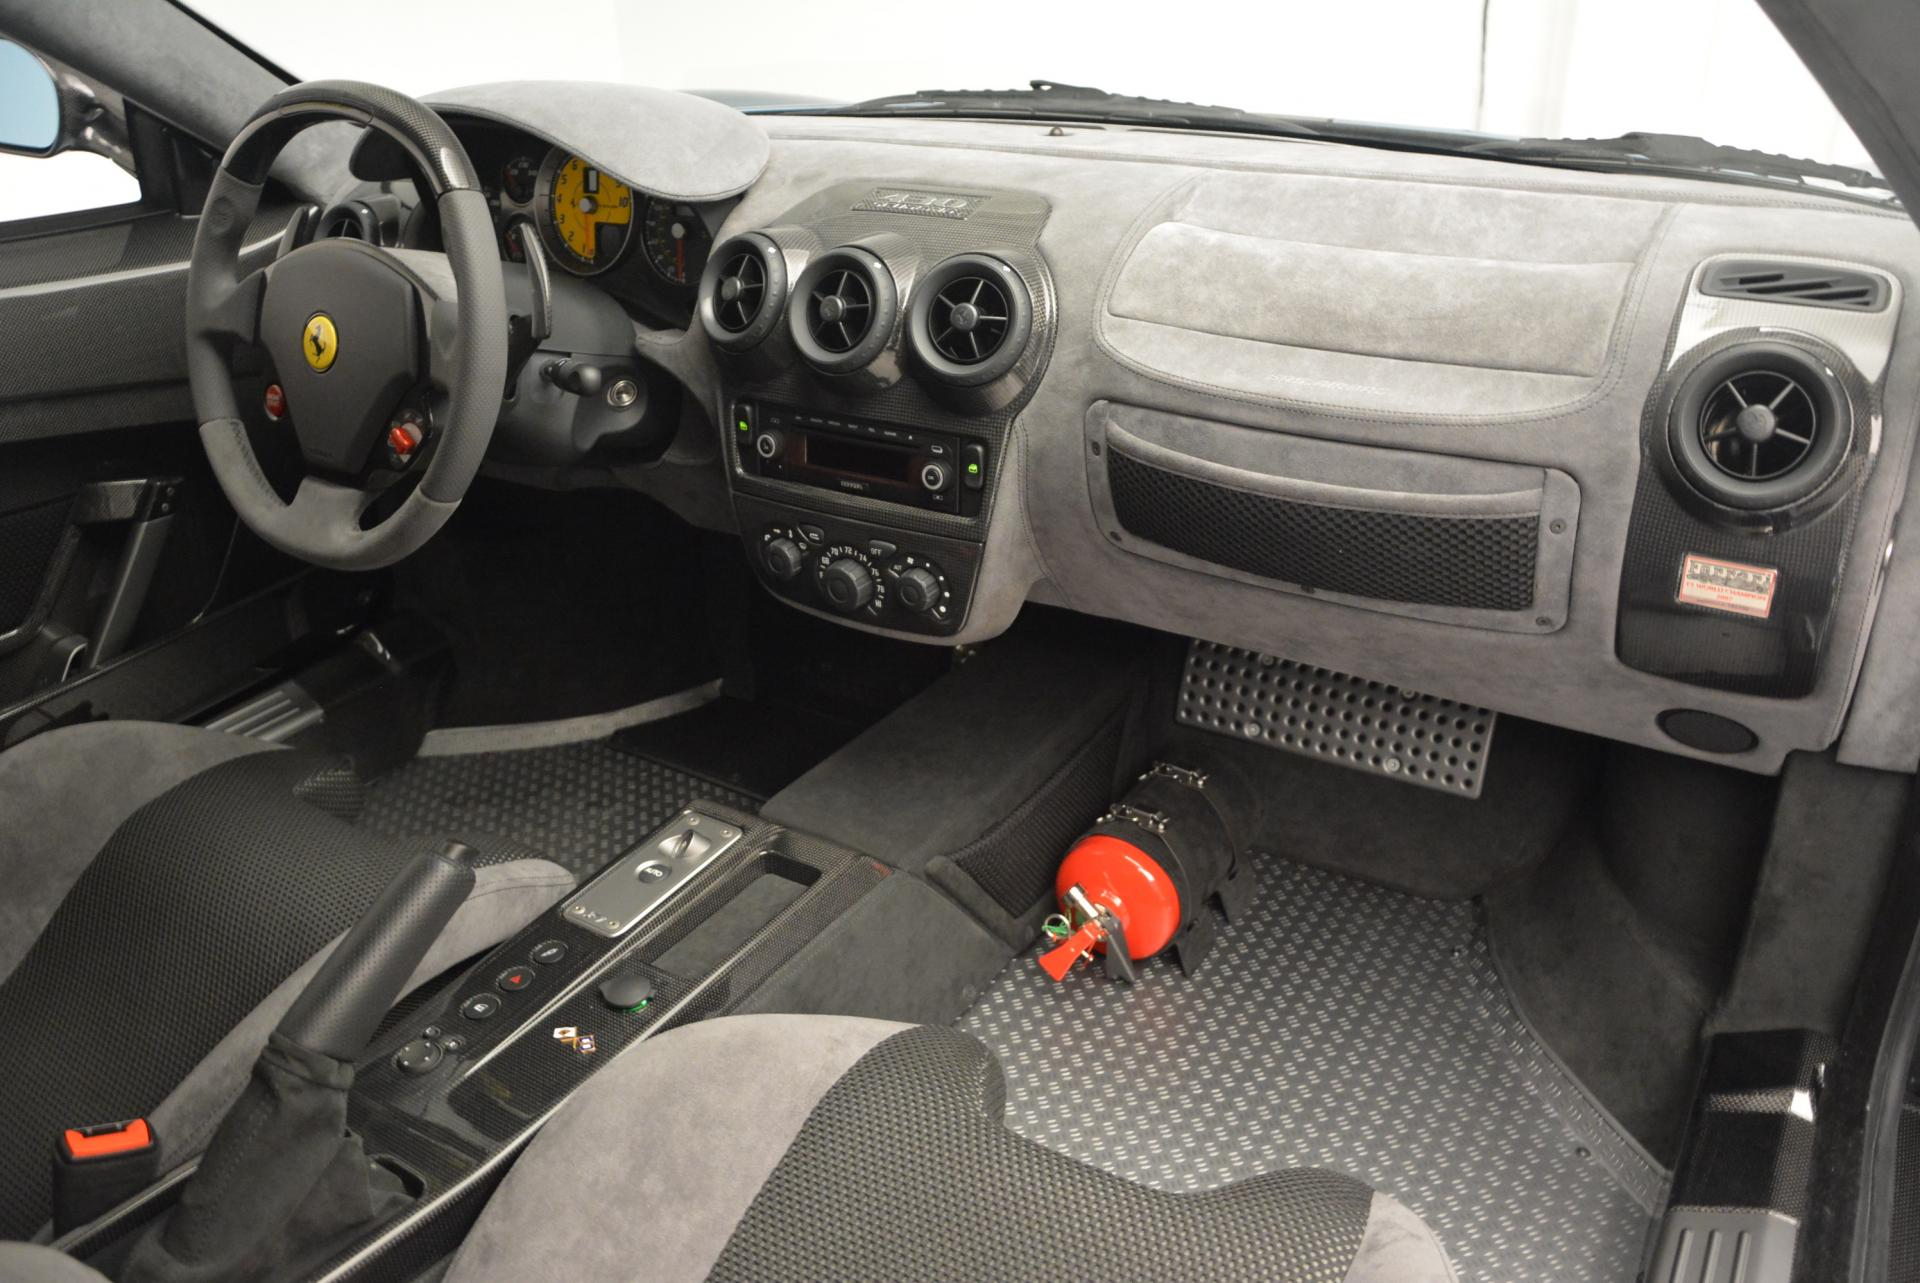 Used 2008 Ferrari F430 Scuderia For Sale In Greenwich, CT. Alfa Romeo of Greenwich, 4310 146_p17